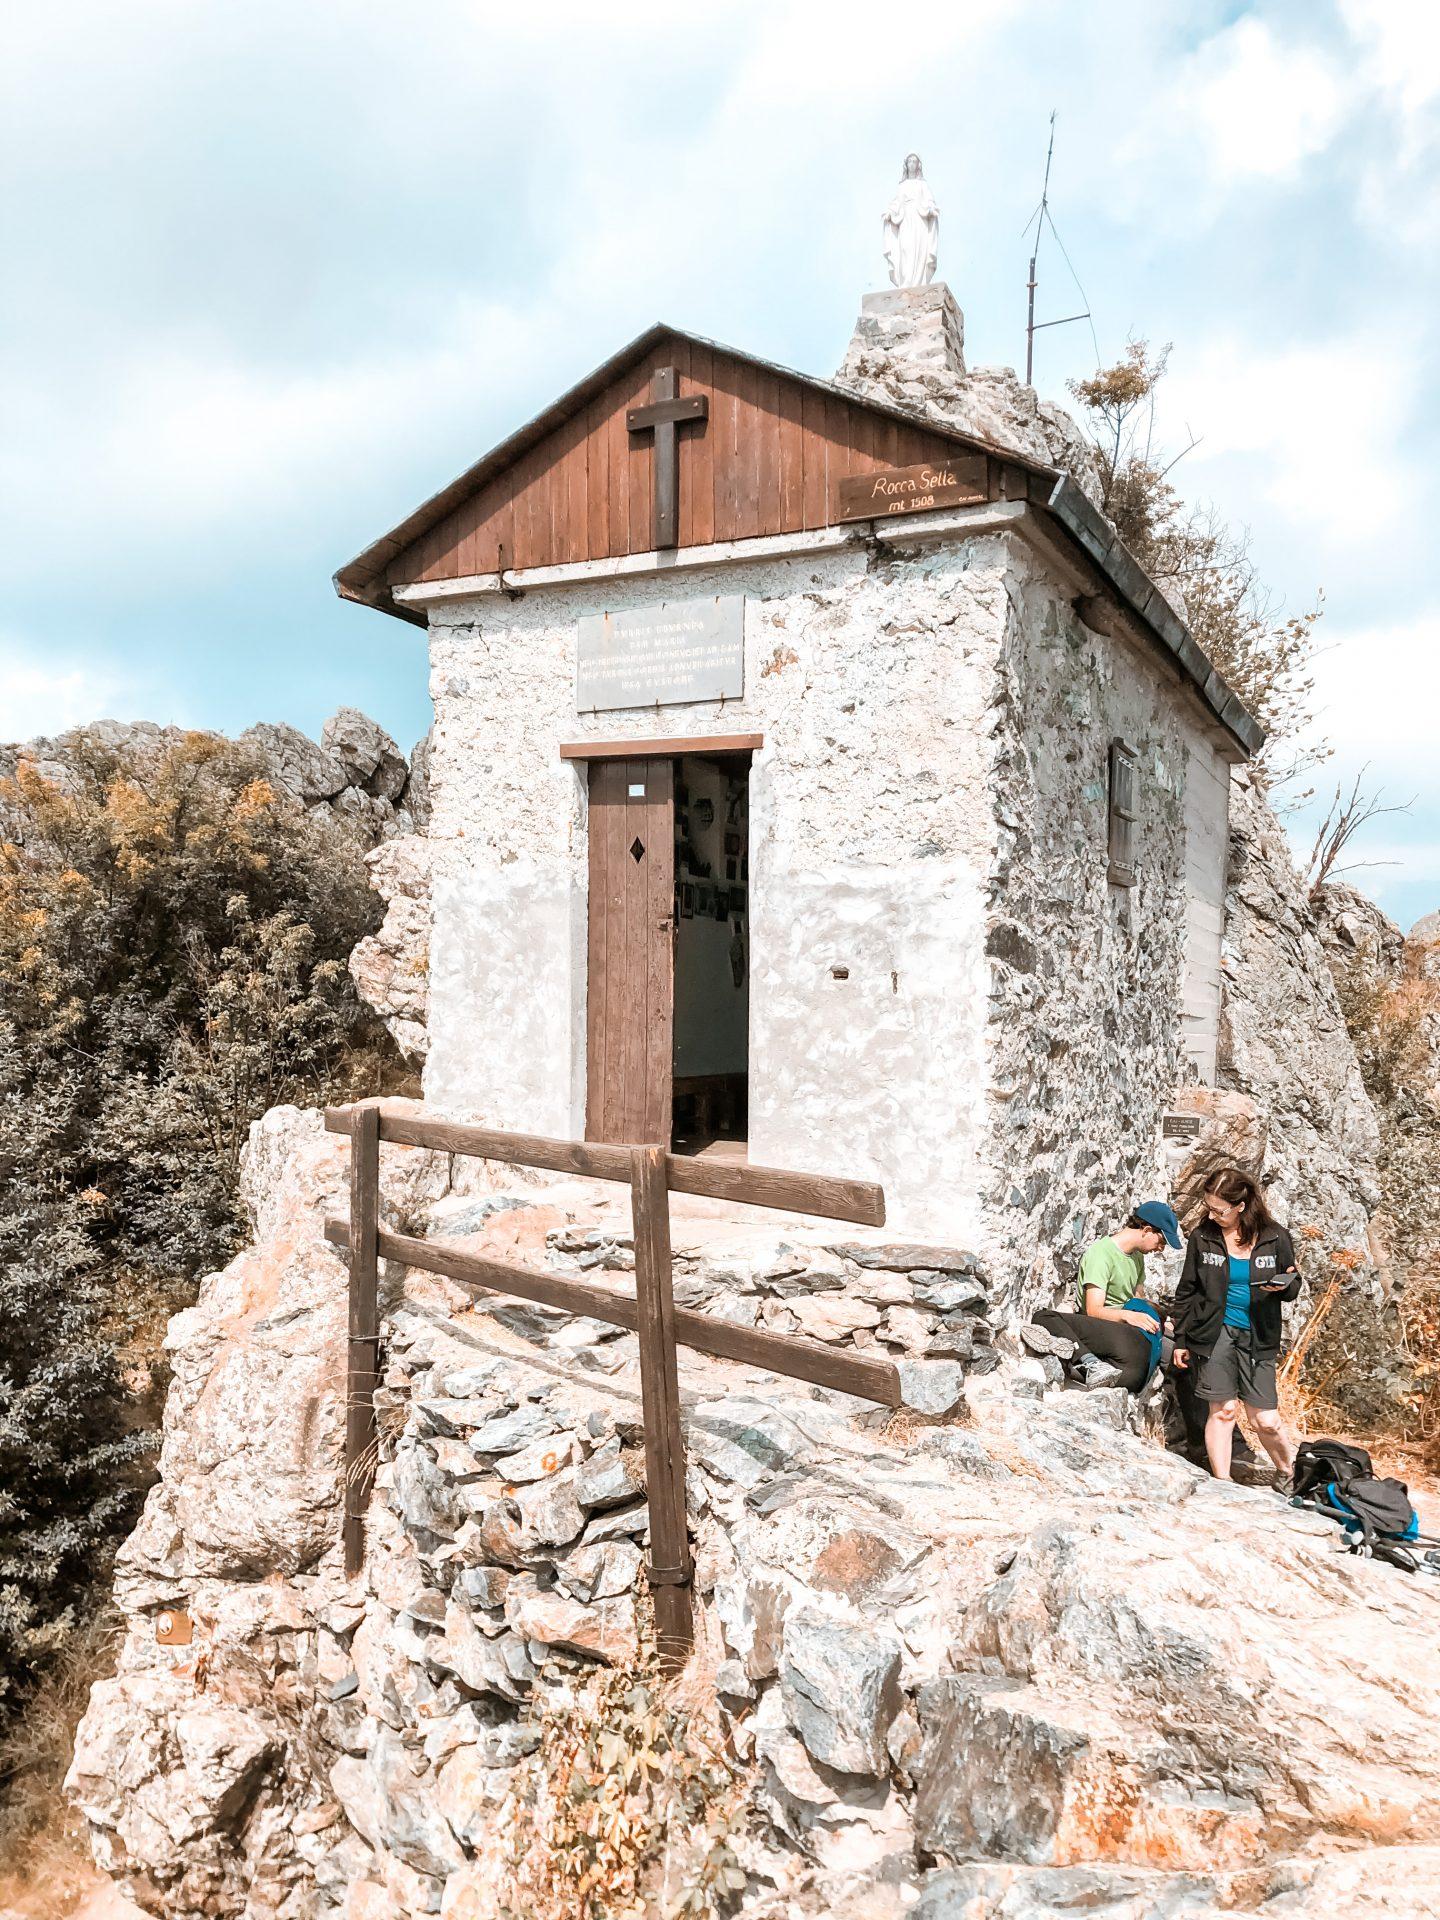 cappella rocca sella